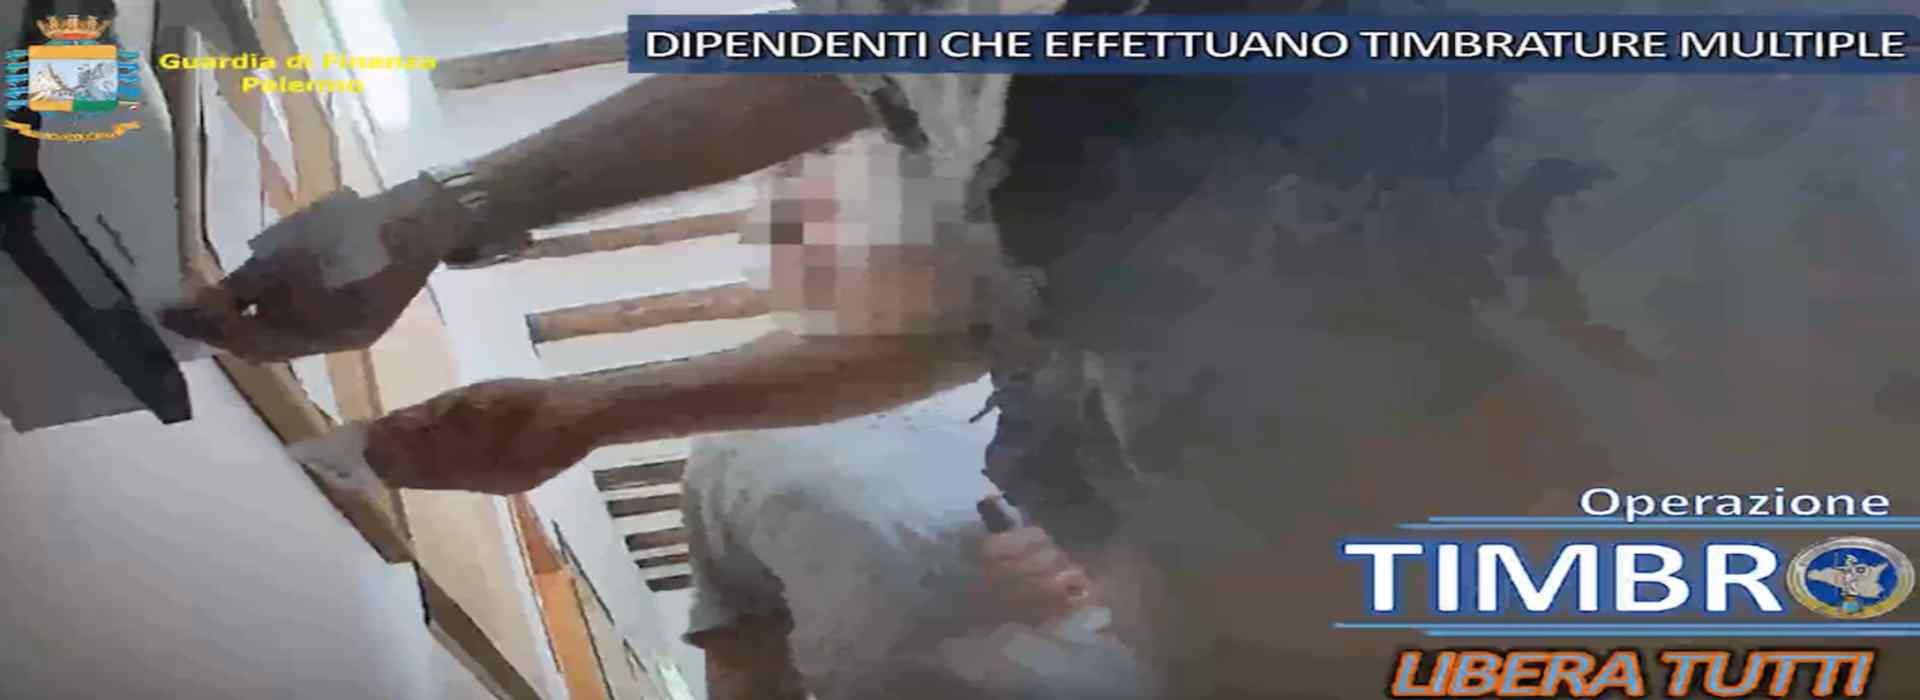 Palermo, timbravano il cartellino e andavano a fare la spesa o jogging: 28 misure cautelari per un gruppo di dipendenti comunali. Tra loro anche un indagato per associazione mafiosa